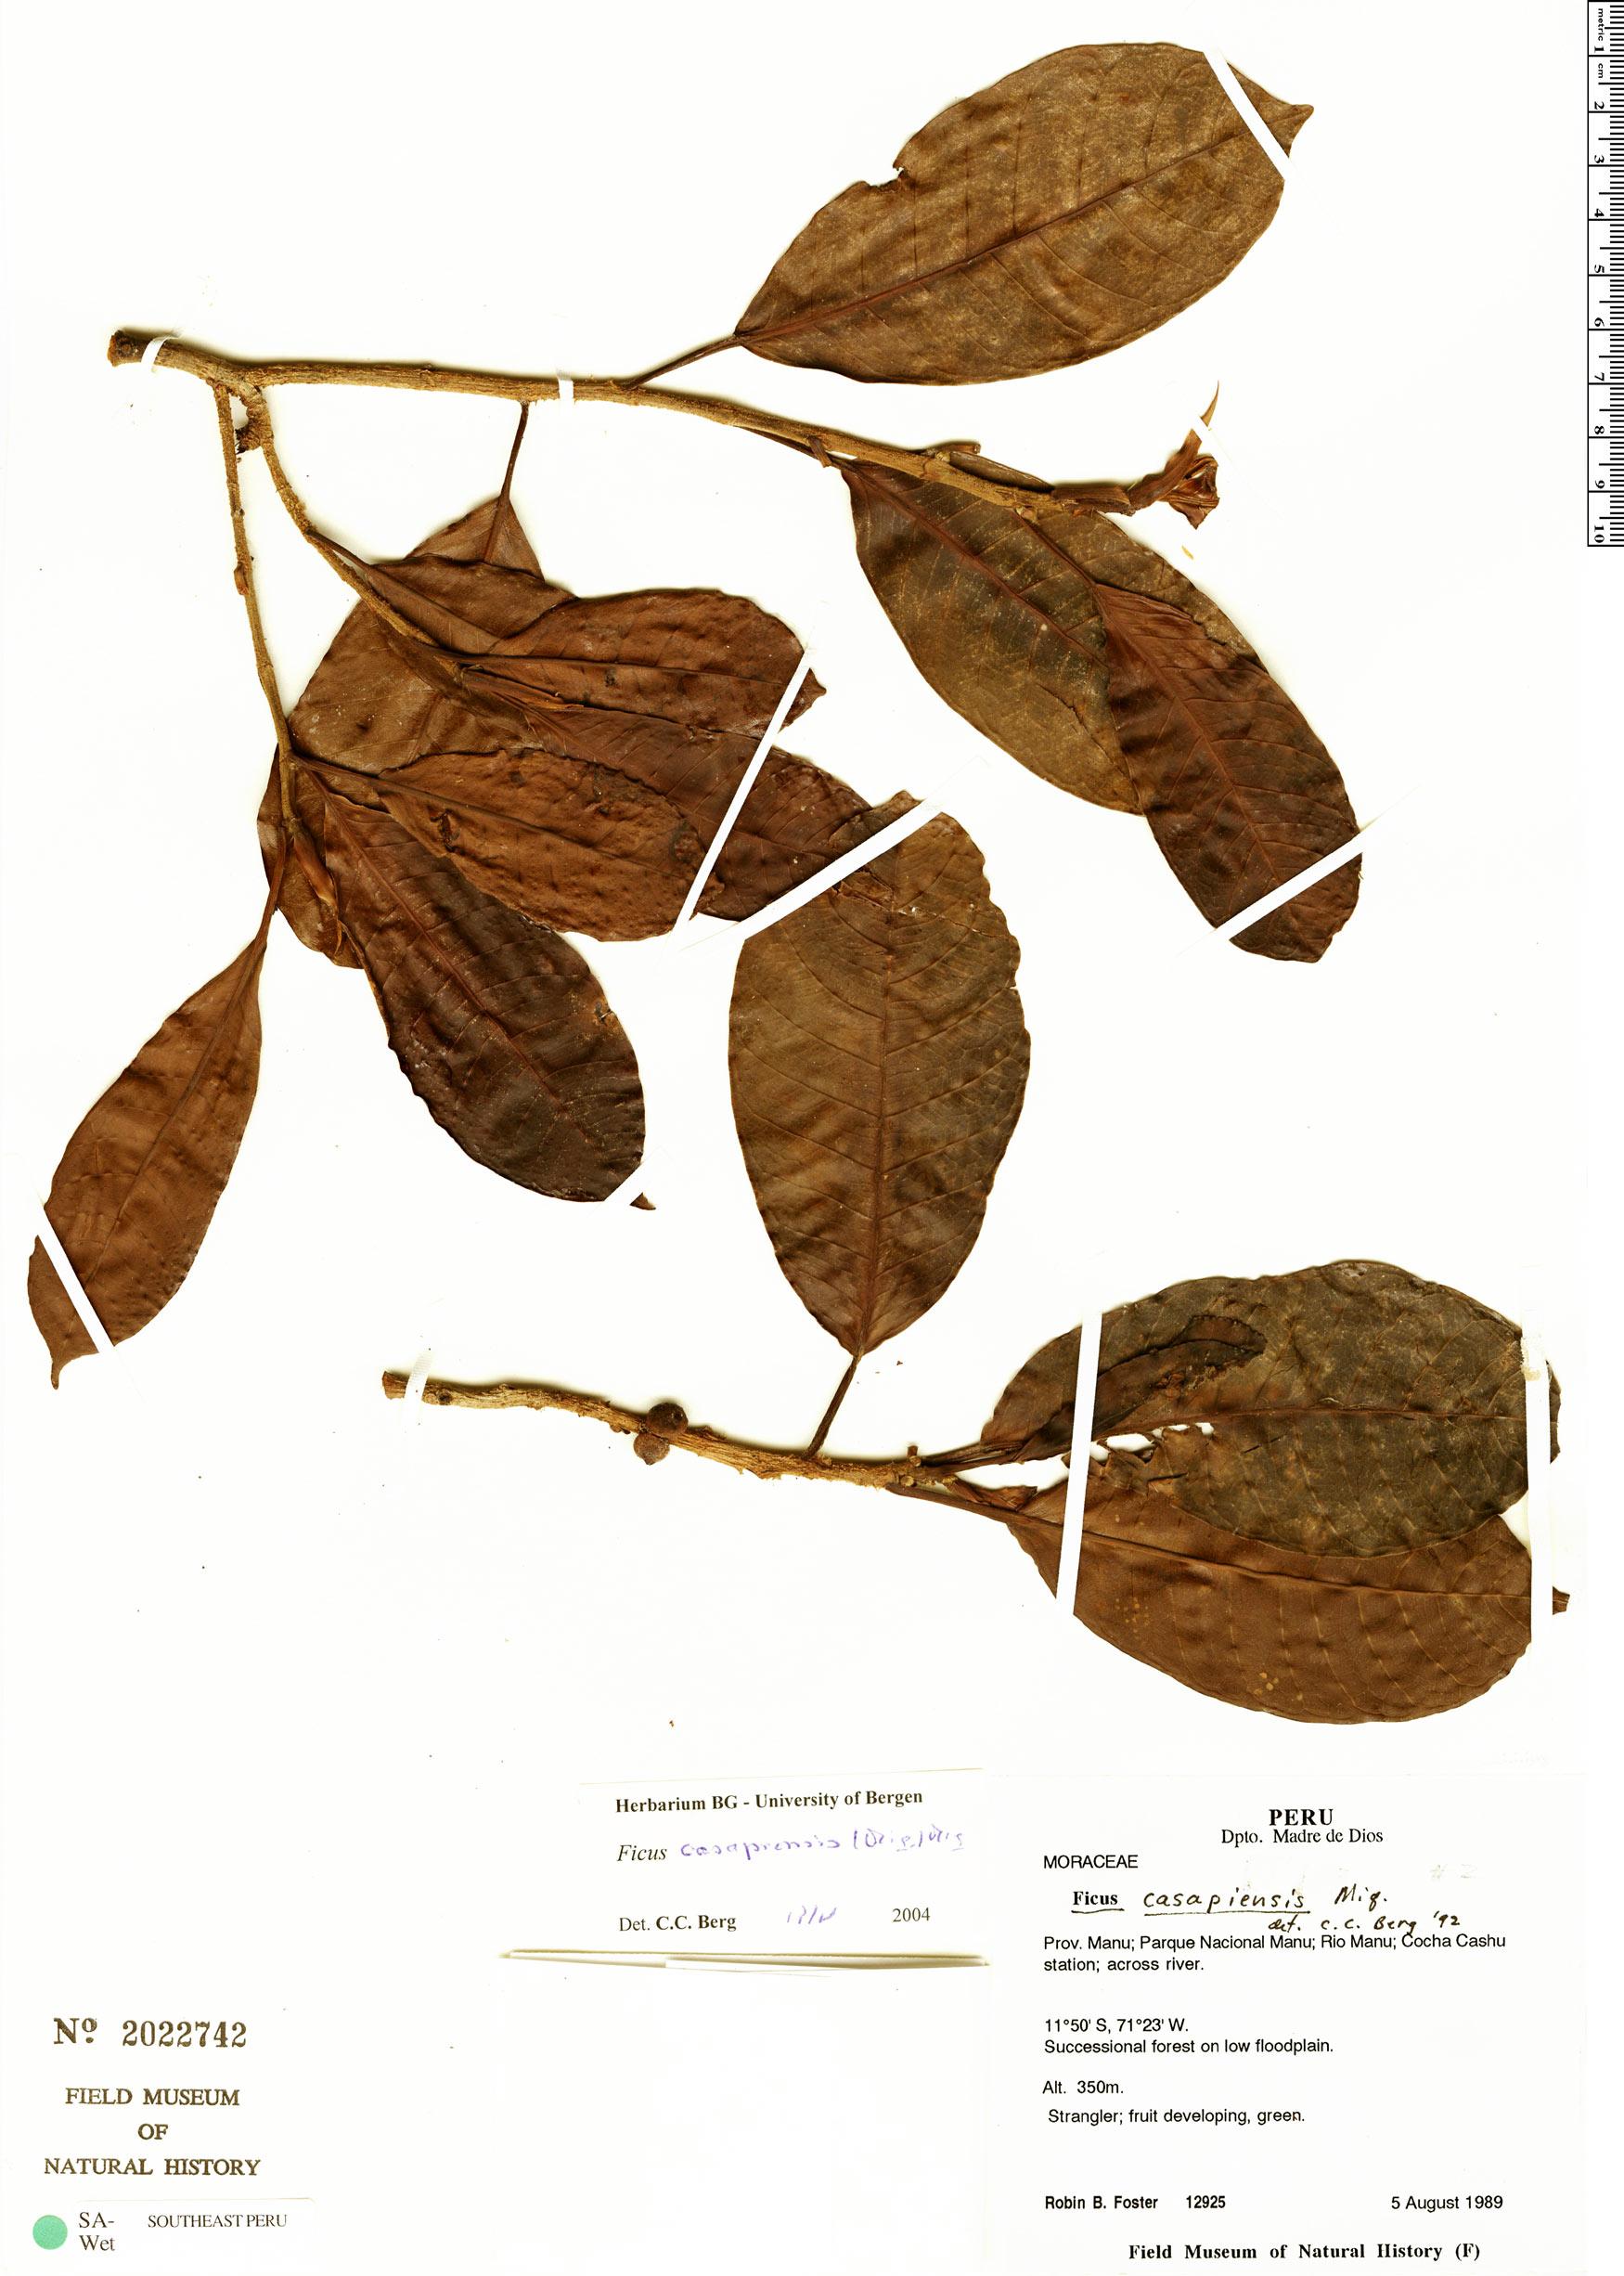 Specimen: Ficus casapiensis